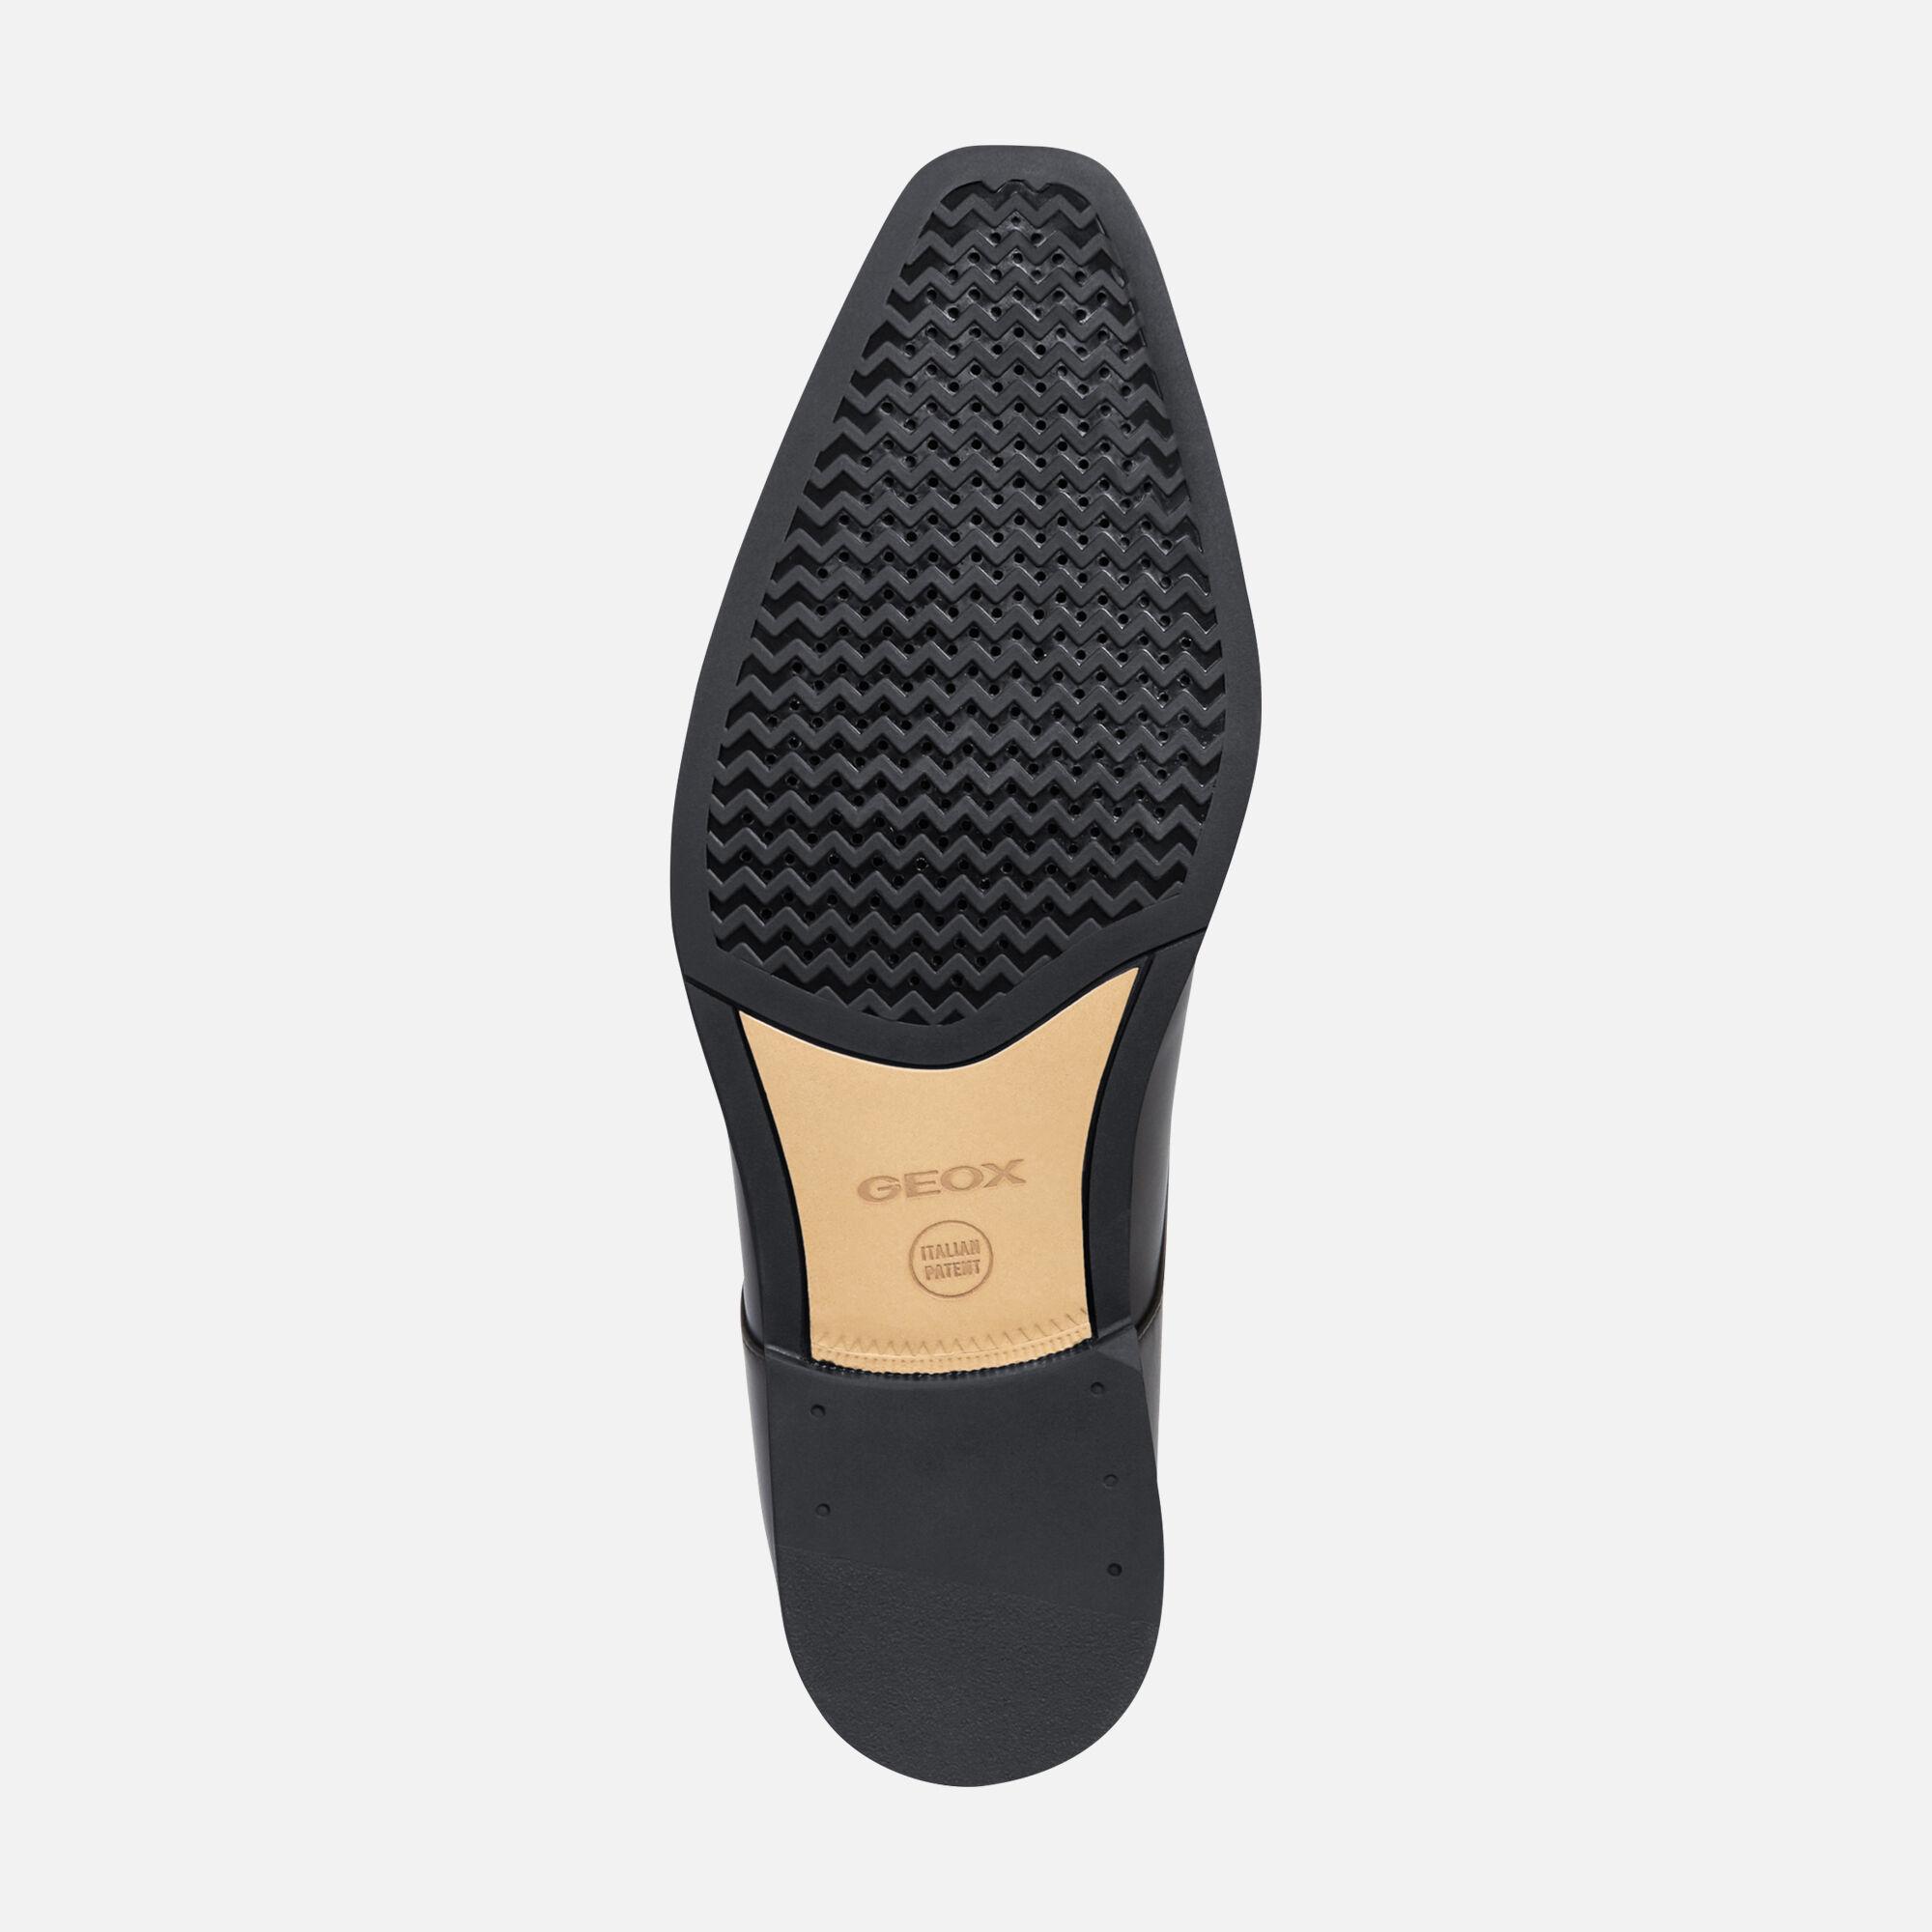 Geox LIFE site officiel NoiresGeox Homme NEW Chaussures vnwN0m8